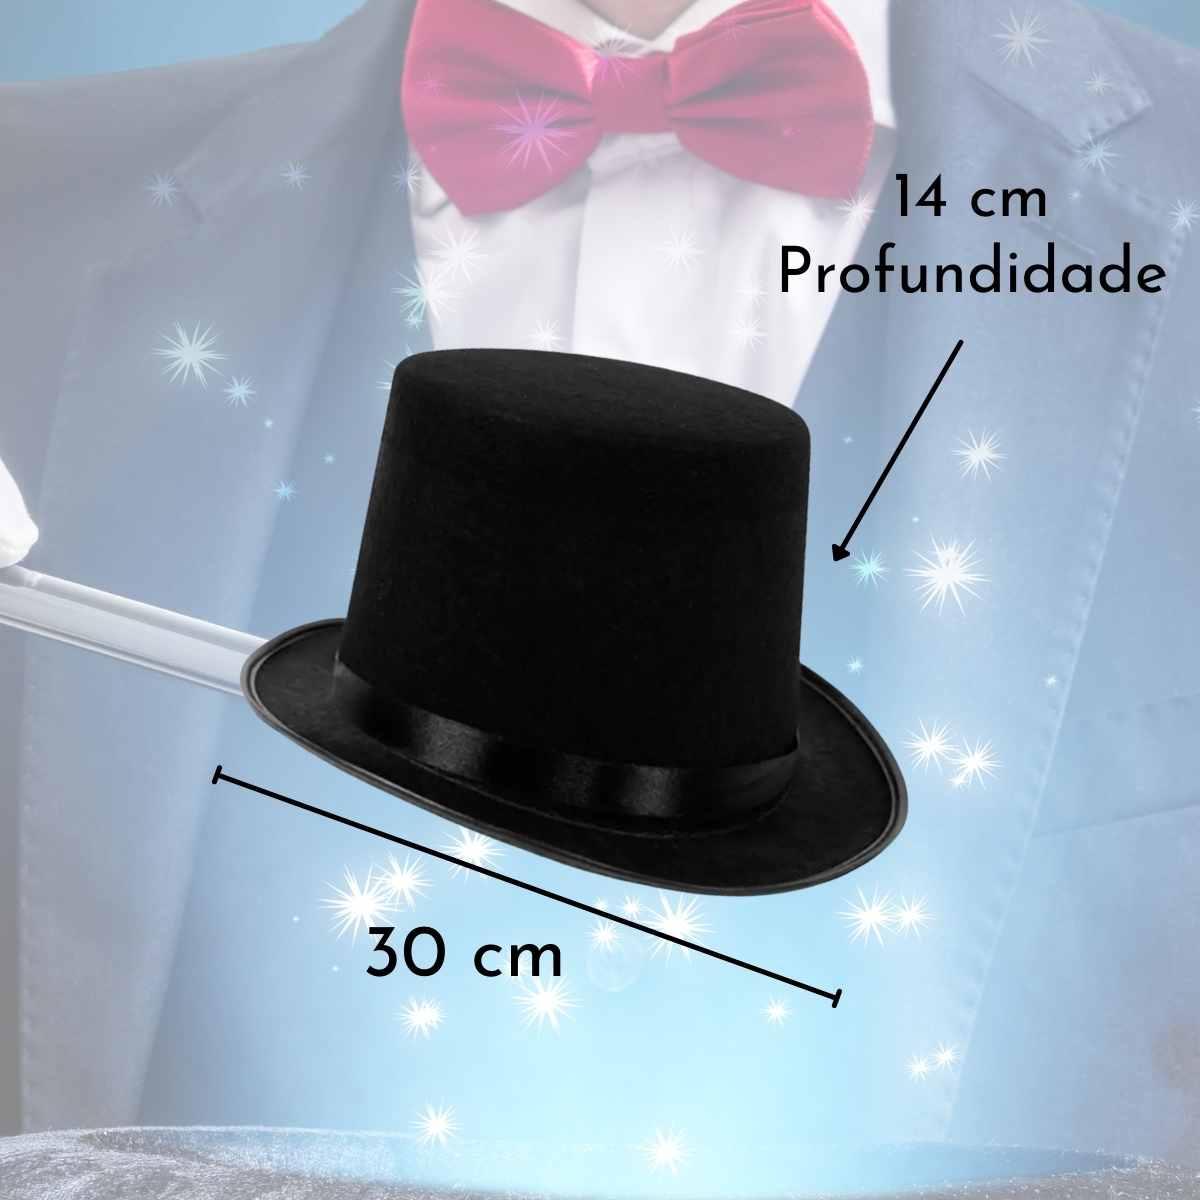 Kit Mágico Luxo (Capa + Varinha + Cartola + Luva Branca)